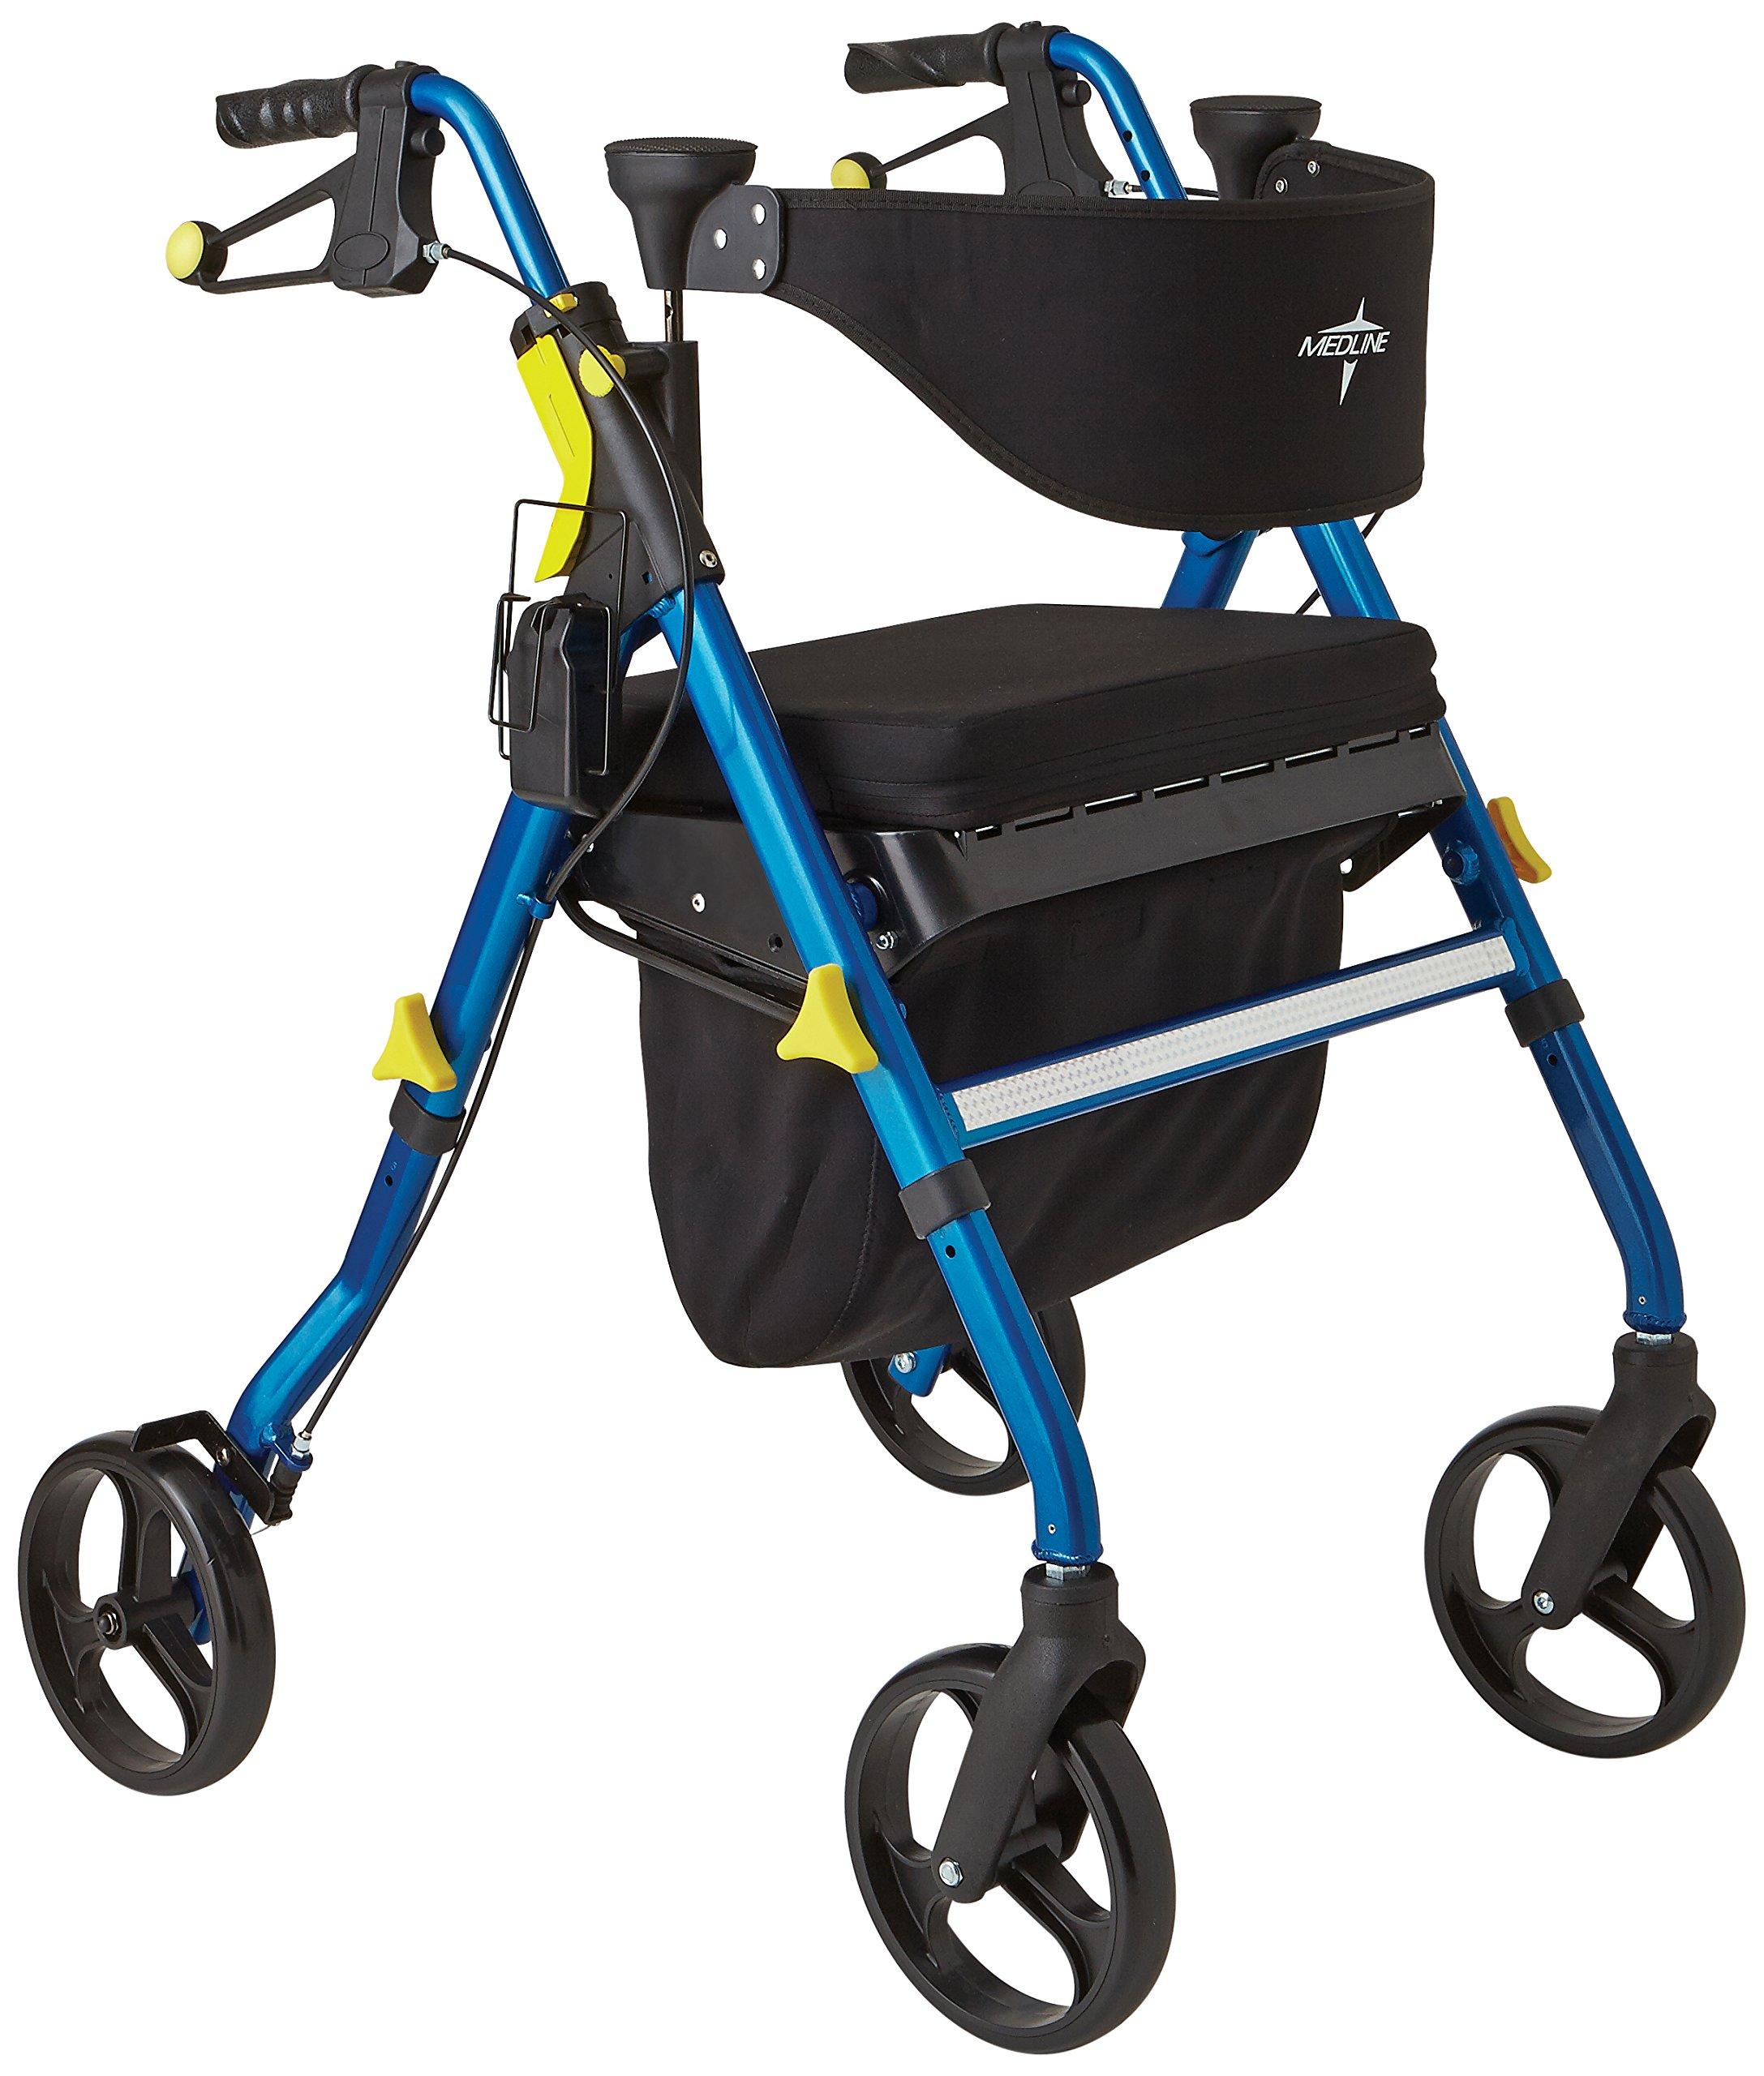 Medline Premium Empower Folding Rollator Walker with 8'' Wheels, Blue